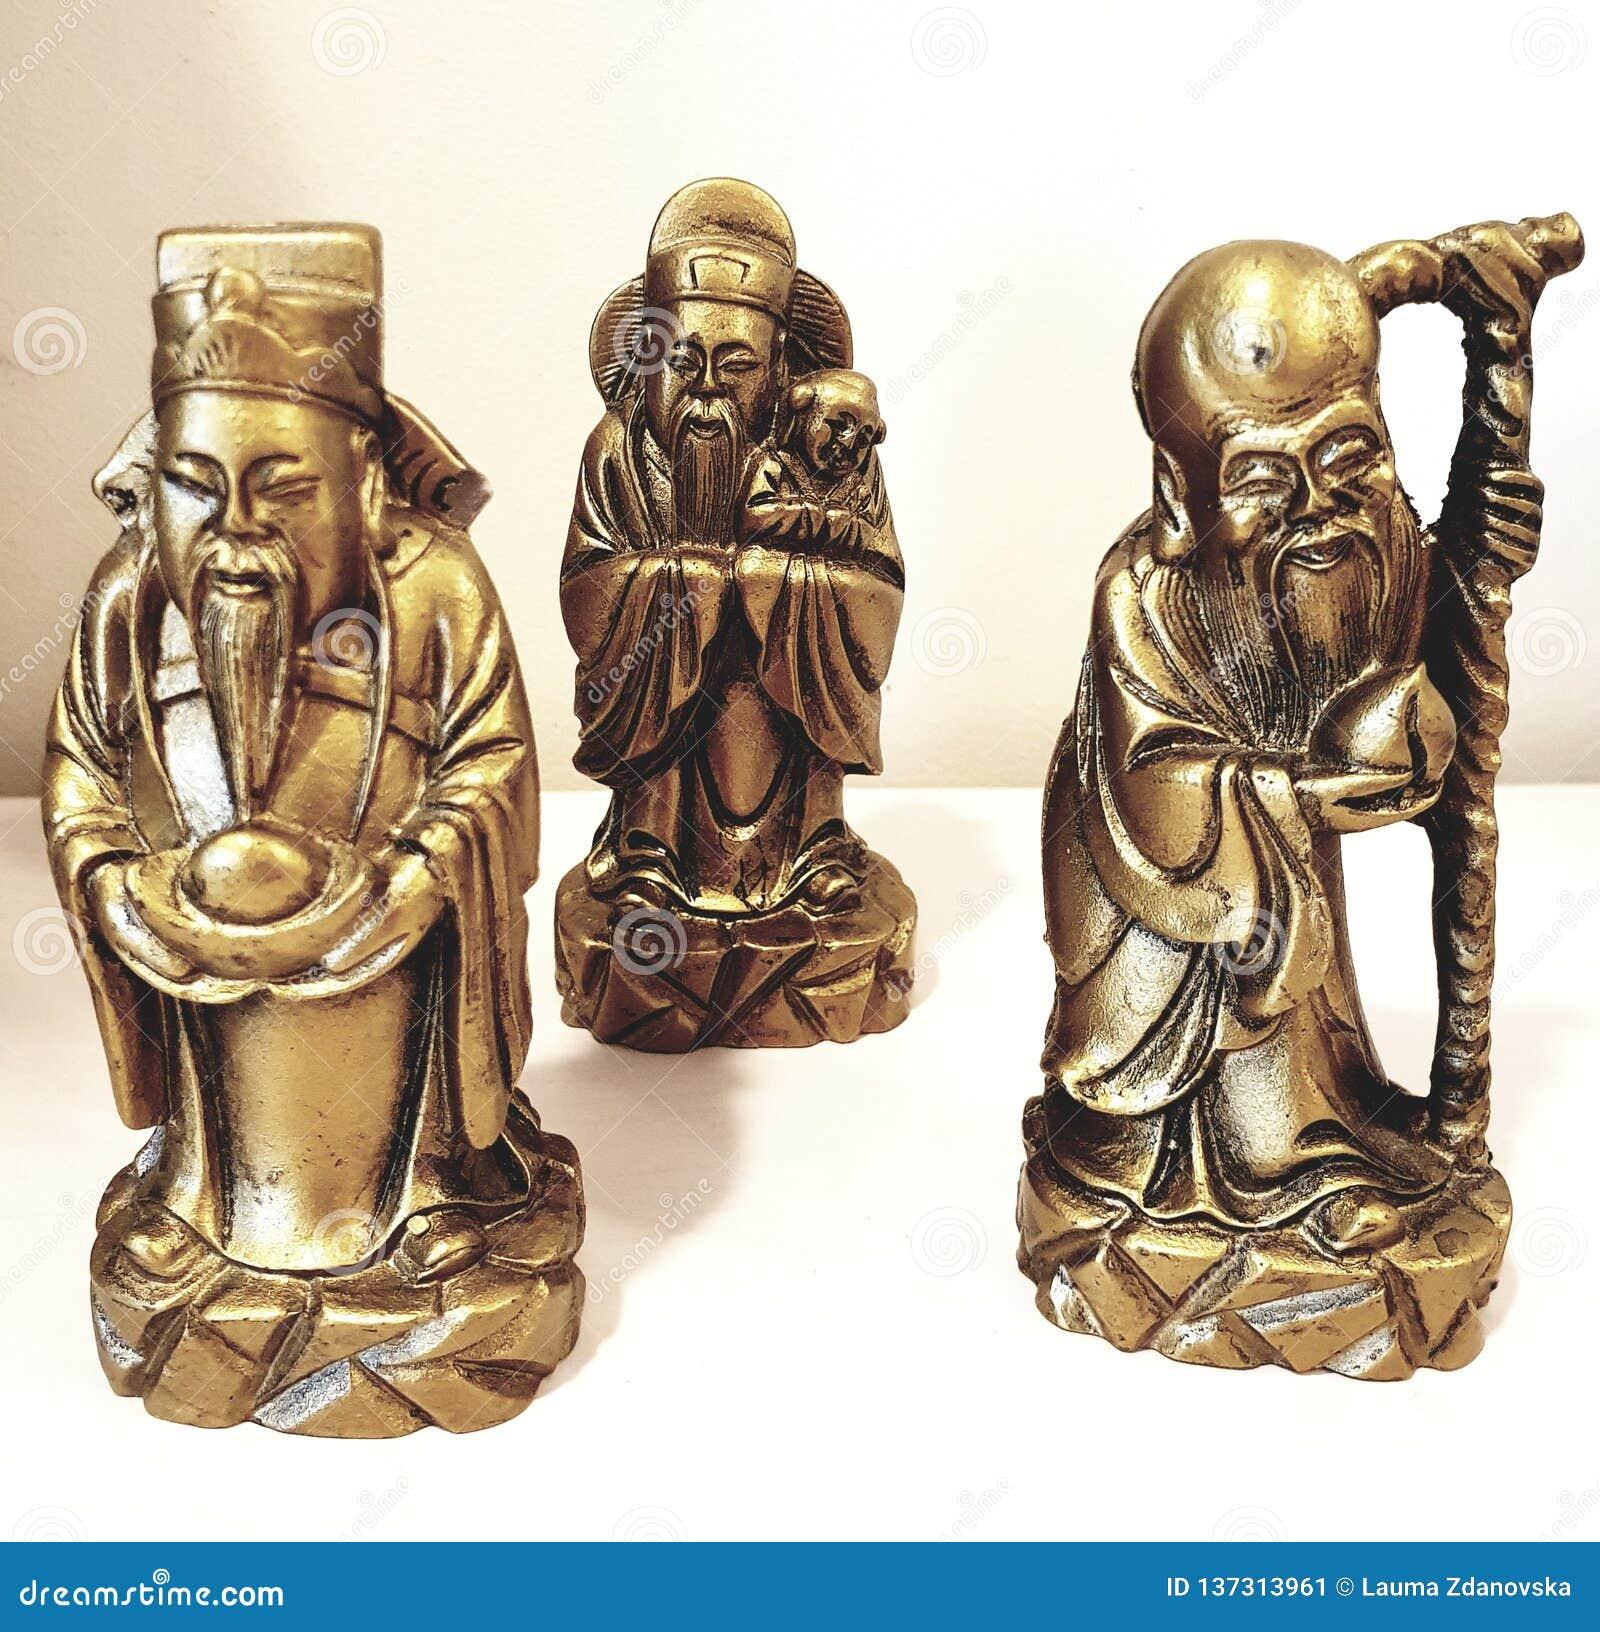 Three old asian guru figures